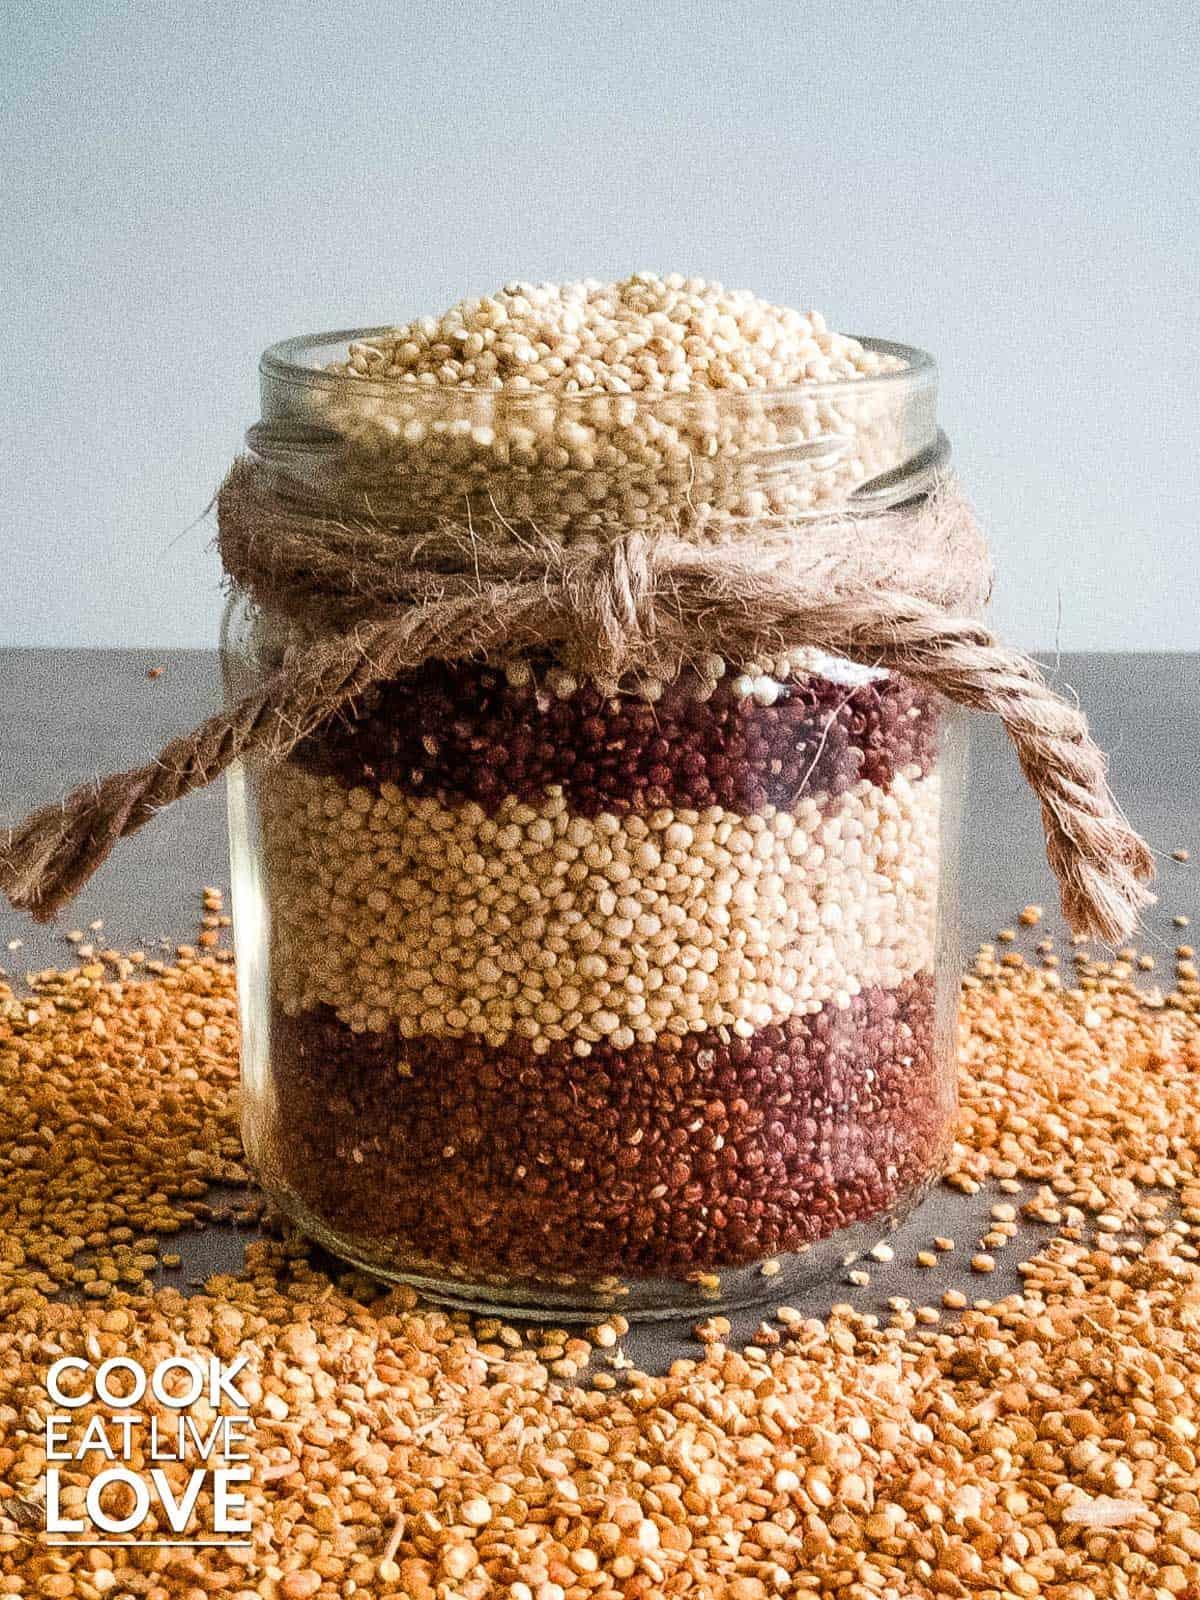 quinoa in a jar